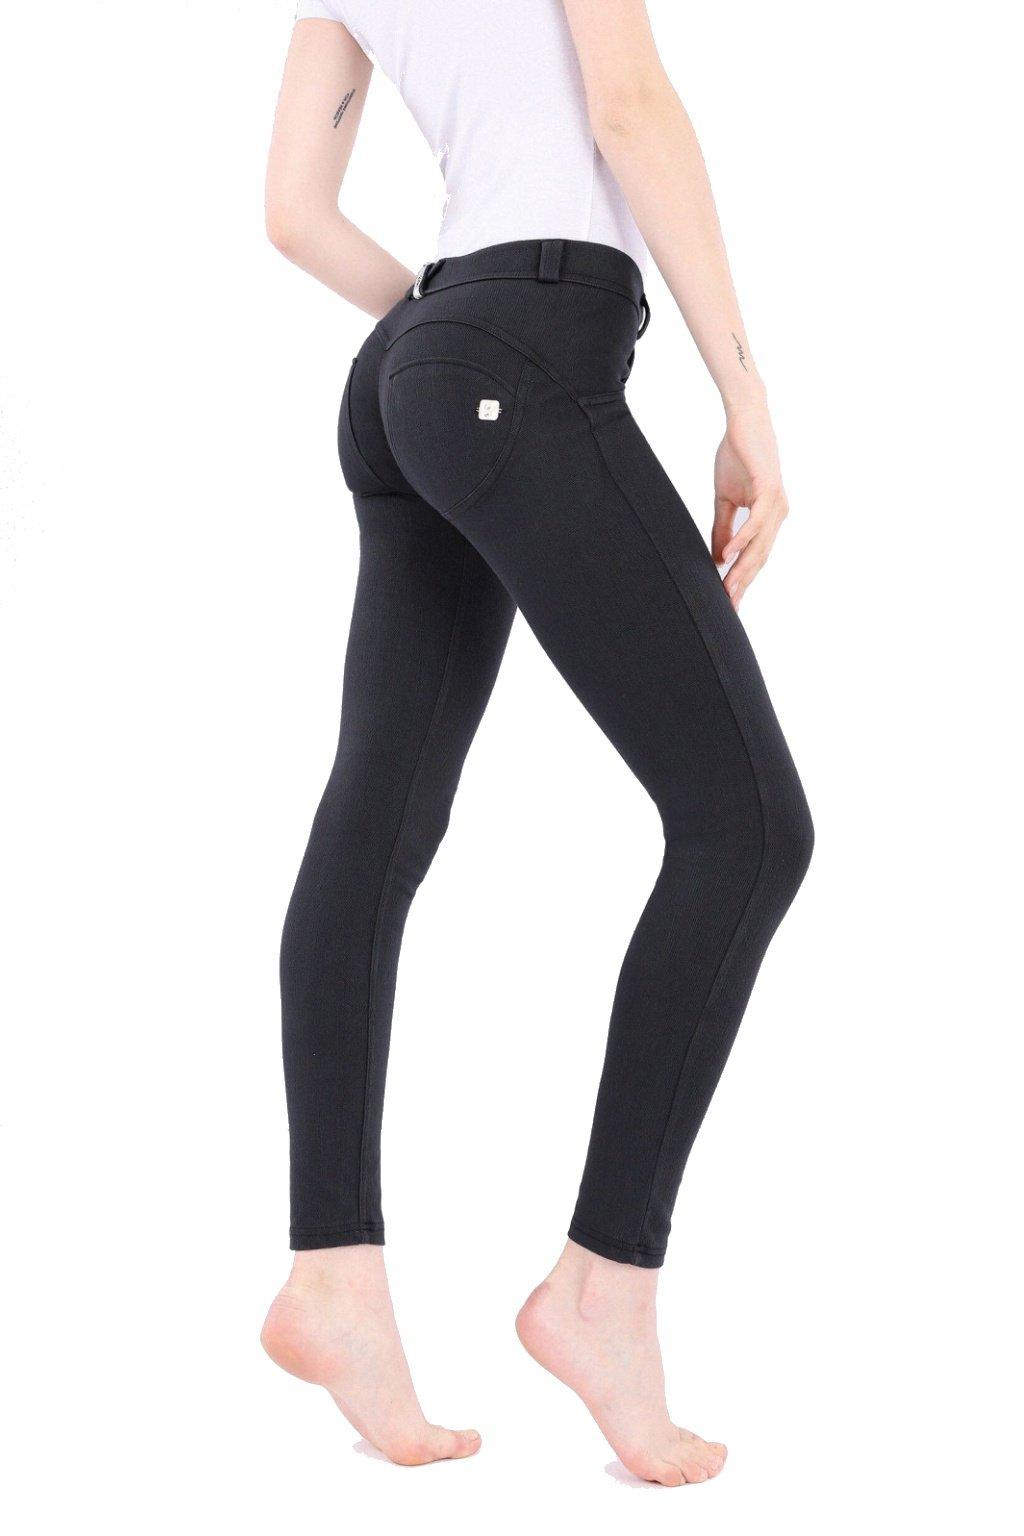 Cerne freddy wr up diwo kalhoty skinny superskinny originalni cerne jeans dziny rifle replay liu jo kalhoty diesel gas sumatra zlin brno freddy olomouc (5)